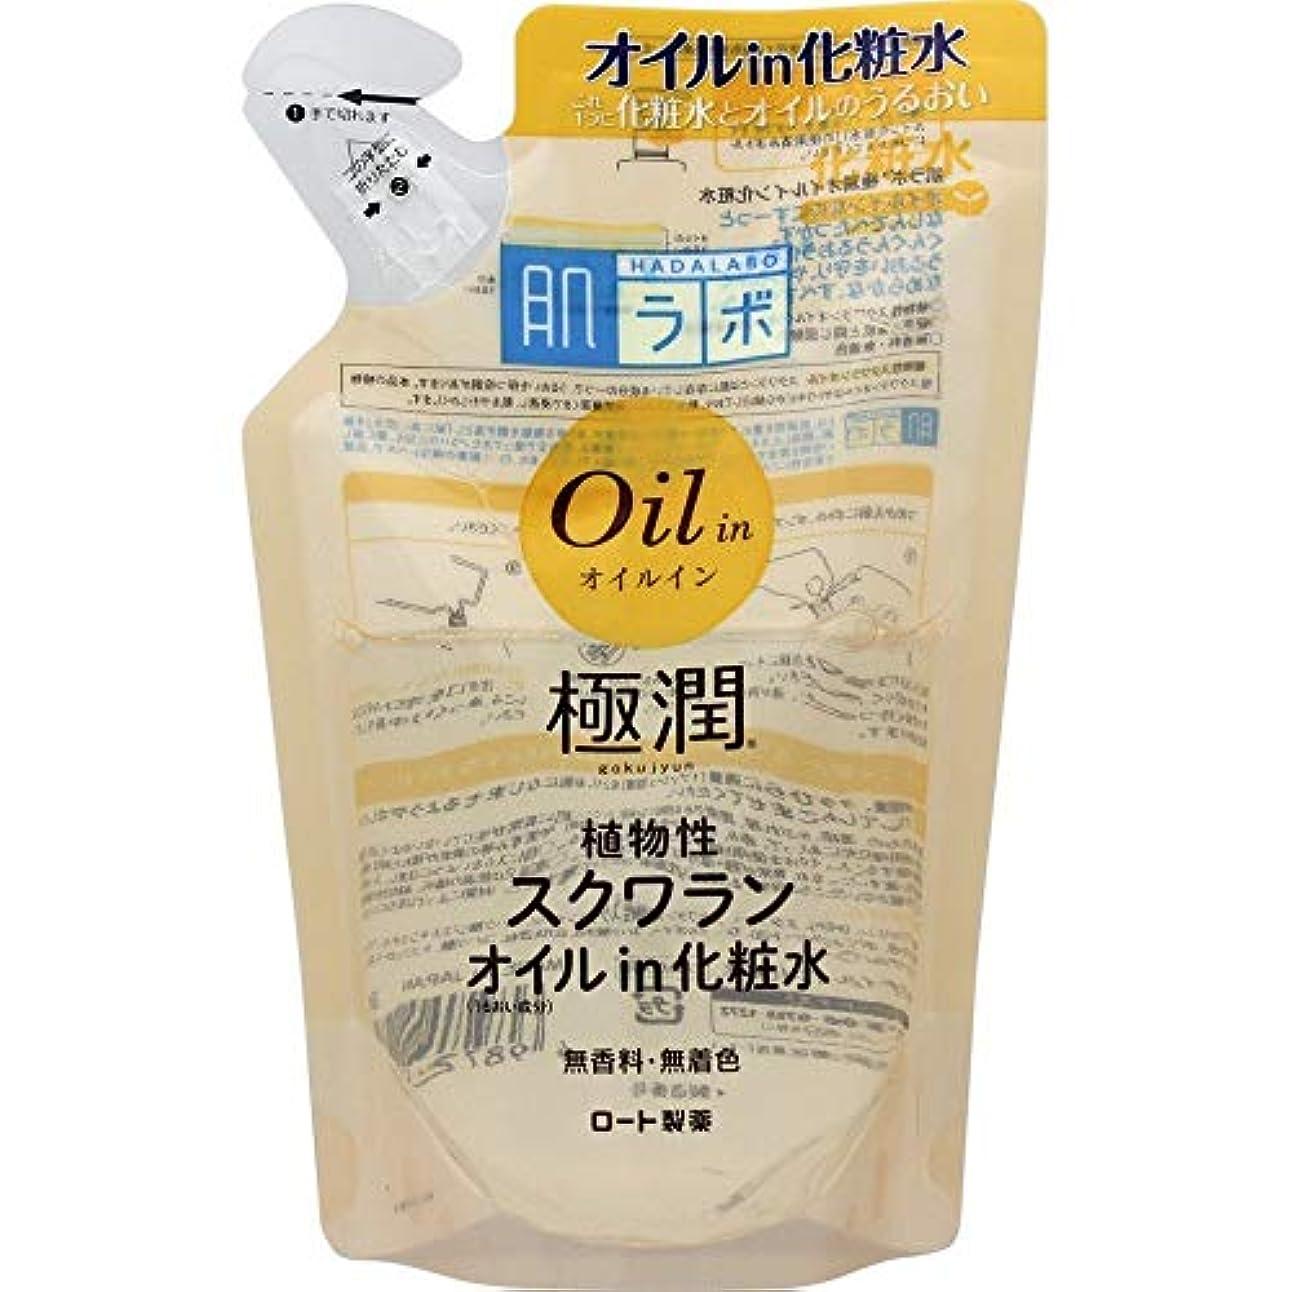 バトル終了しました詩【3袋セット】 肌ラボ 極潤オイルイン化粧水 詰替用 植物性スクワランオイル配合 220ml × 3袋